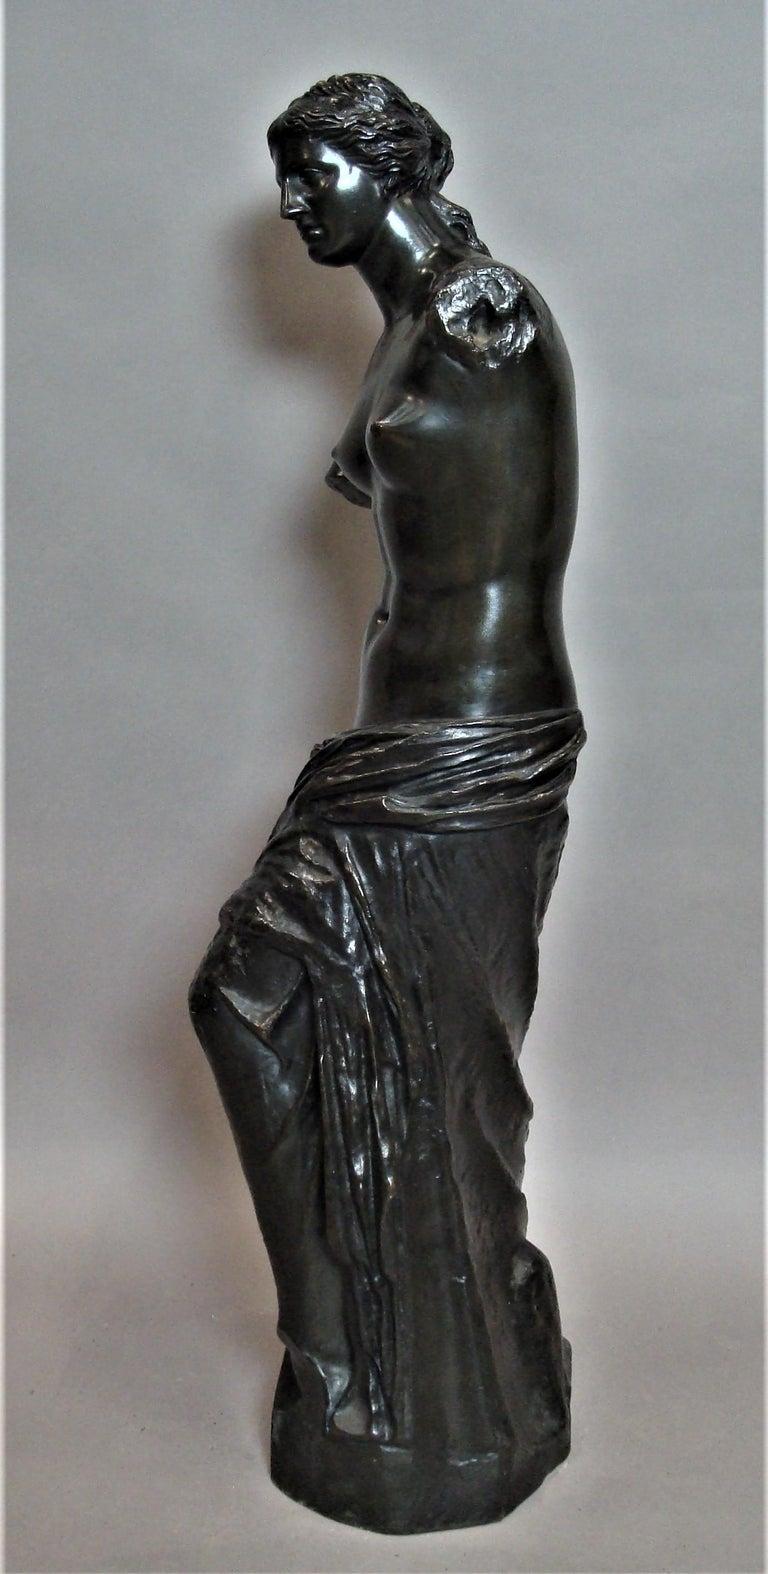 19th Century Large Bronze Grand Tour Sculpture of Venus de Milo For Sale 4